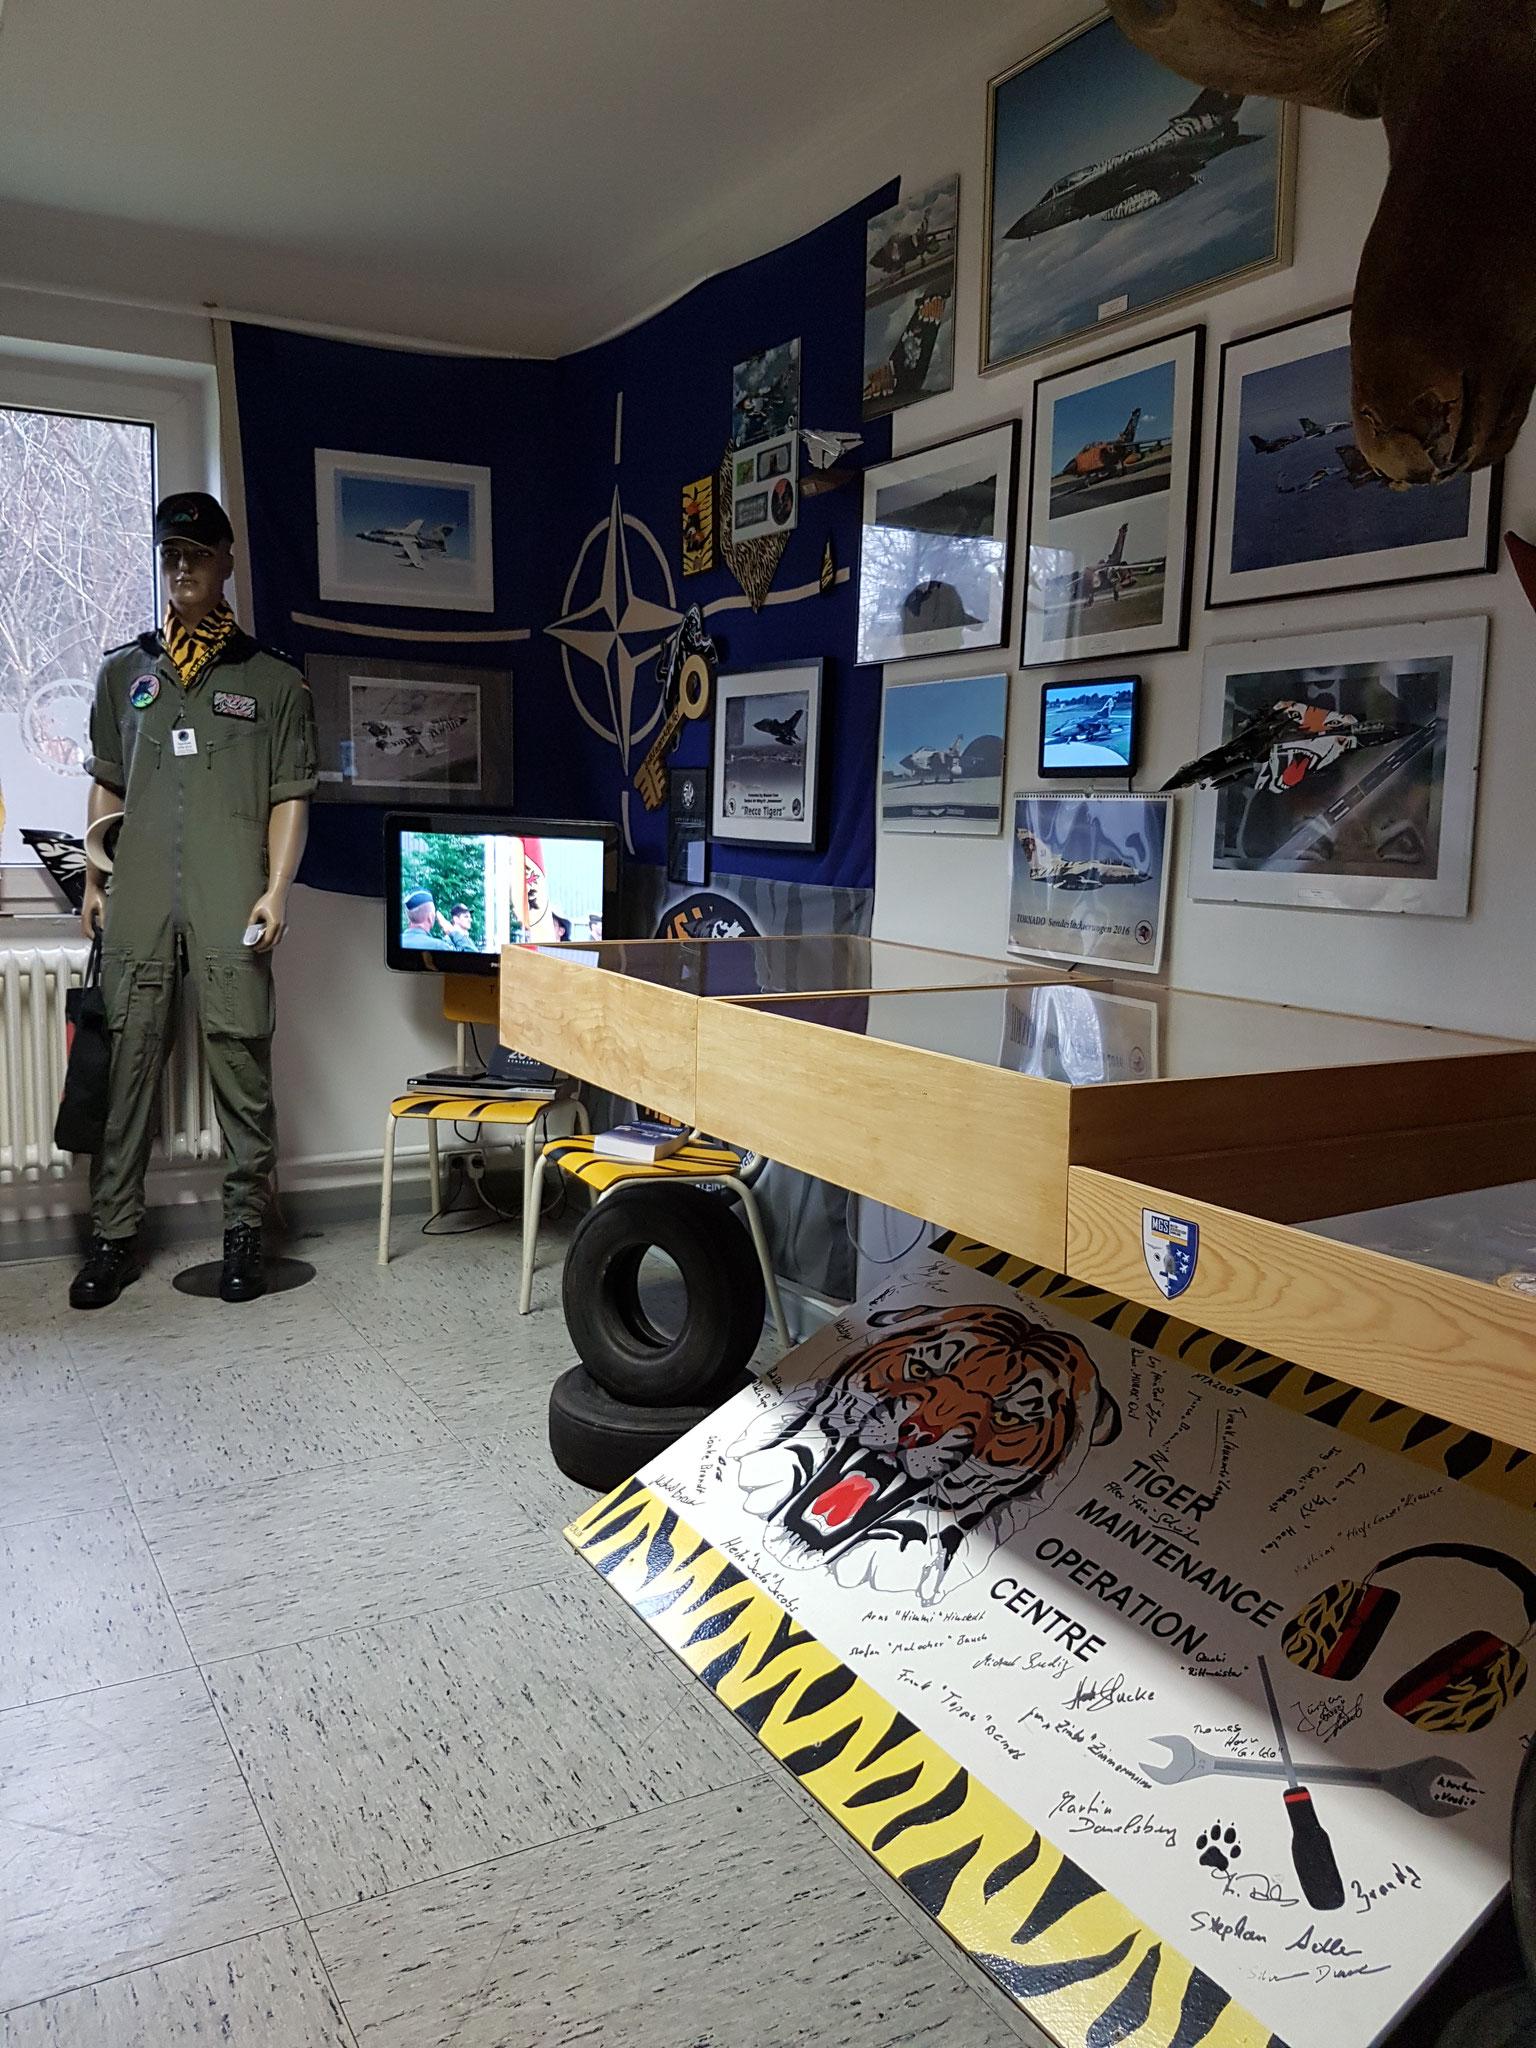 Ausstellungsabschnitt 9 - Das TigerMeet